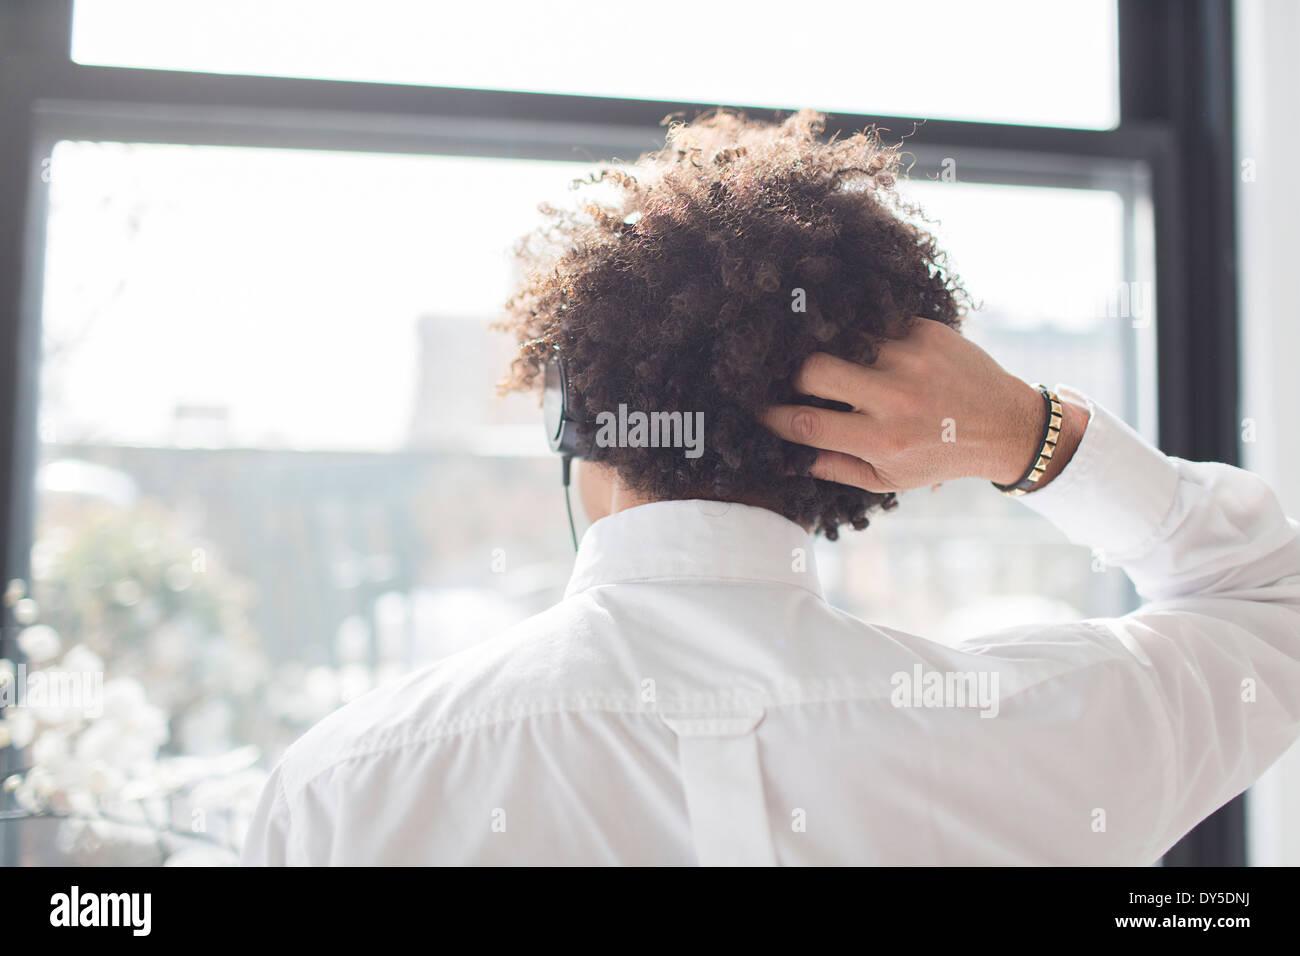 Junger Mann kratzen Kopf, Rückansicht Stockbild